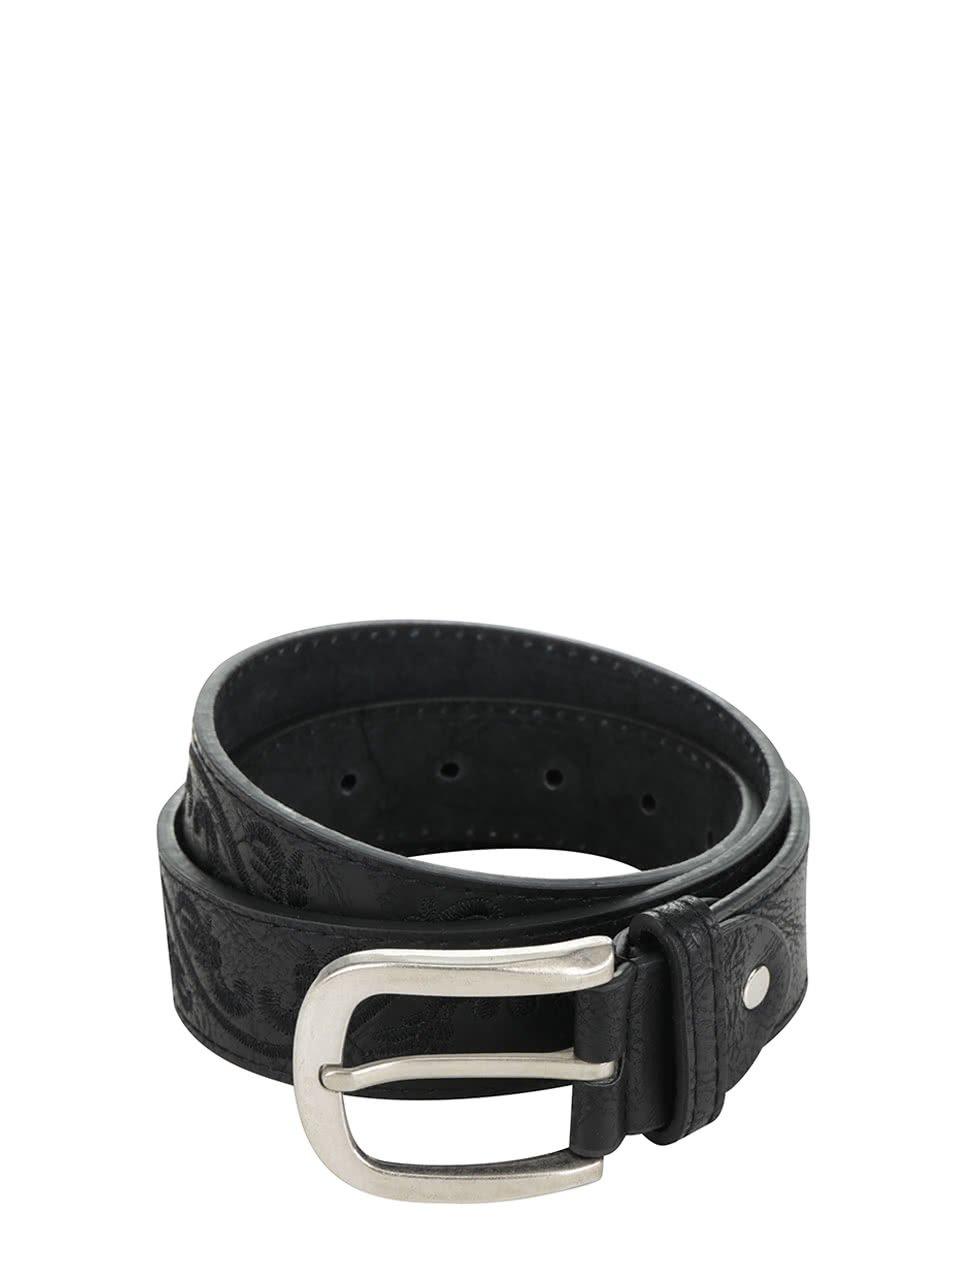 Černý kožený pásek s výšívkou Haily's Solene